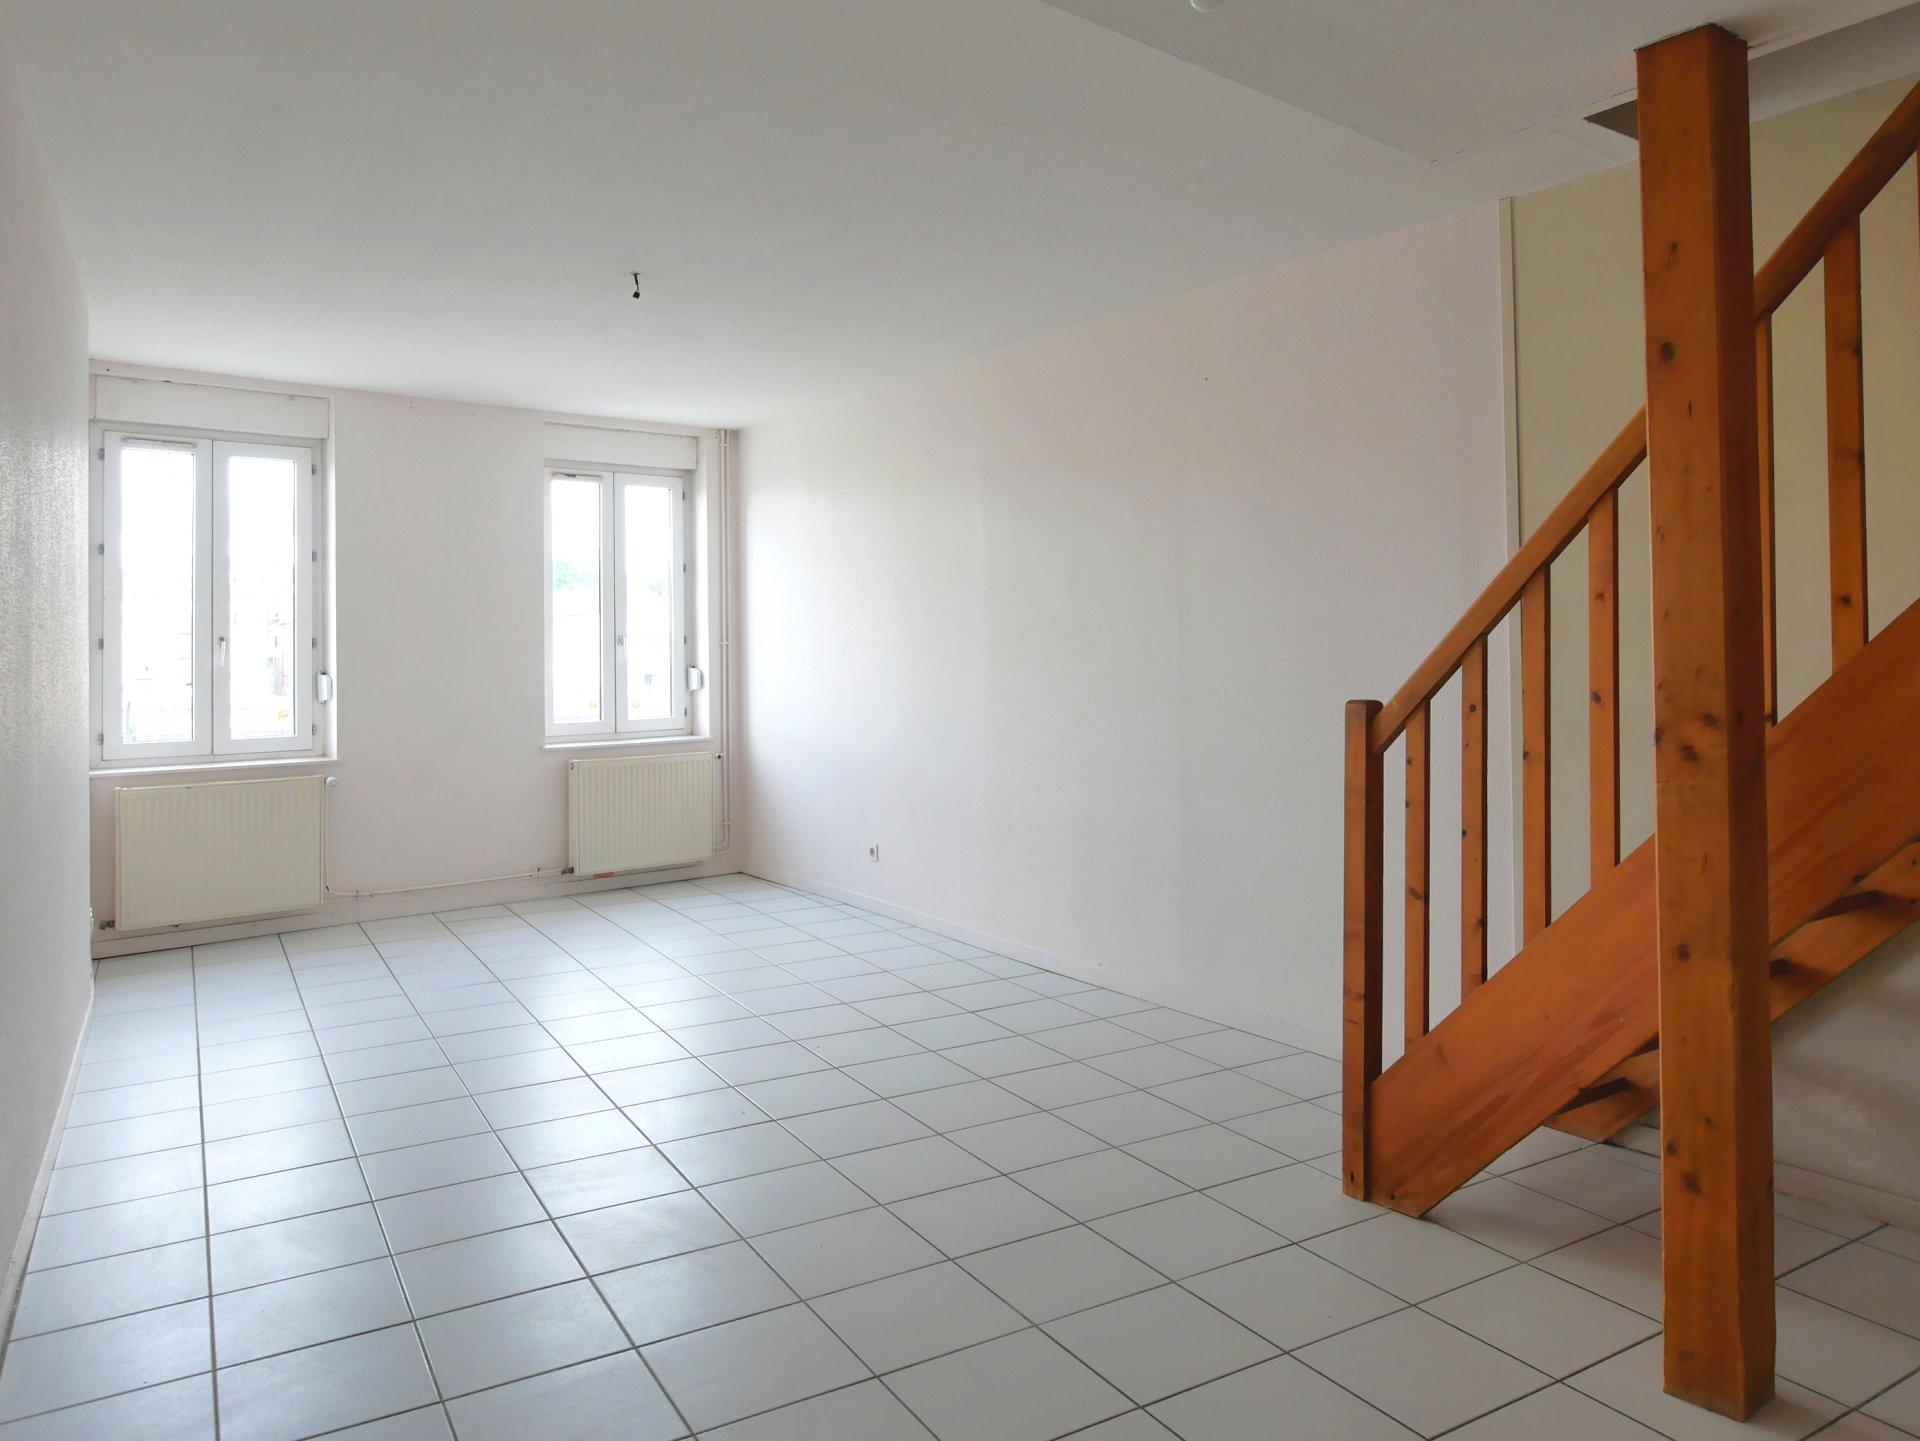 Situé sur le Quai Bouchacourt à SAINT-LAURENT-SUR-SAONE, face au centre-ville de MACON et à côté de toutes les commodités, découvrez cet appartement qui bénéficie d'une belle vue privilégiée! Situé au 2ème étage, ce T5 en triplex de 92m² Carrez (103m² au sol), comprend au 1er niveau: une entrée, une cuisine équipée indépendante avec cellier, un toilette et un séjour avec vue dégagée. Le second niveau comprend un palier, deux chambres, un dressing et une salle de bains avec baignoire et toilette. Le dernier étage comprend un palier, un bureau et une salle de jeux (ou deux petites chambres). Situé dans une petite copropriété avec faibles charges, ce bien atypique vous séduira par sa situation et sa vue exceptionnelle. Bien soumis au régime de la copropriété (11 lots - charges de 20? par mois). Honoraires à la charge du vendeur.